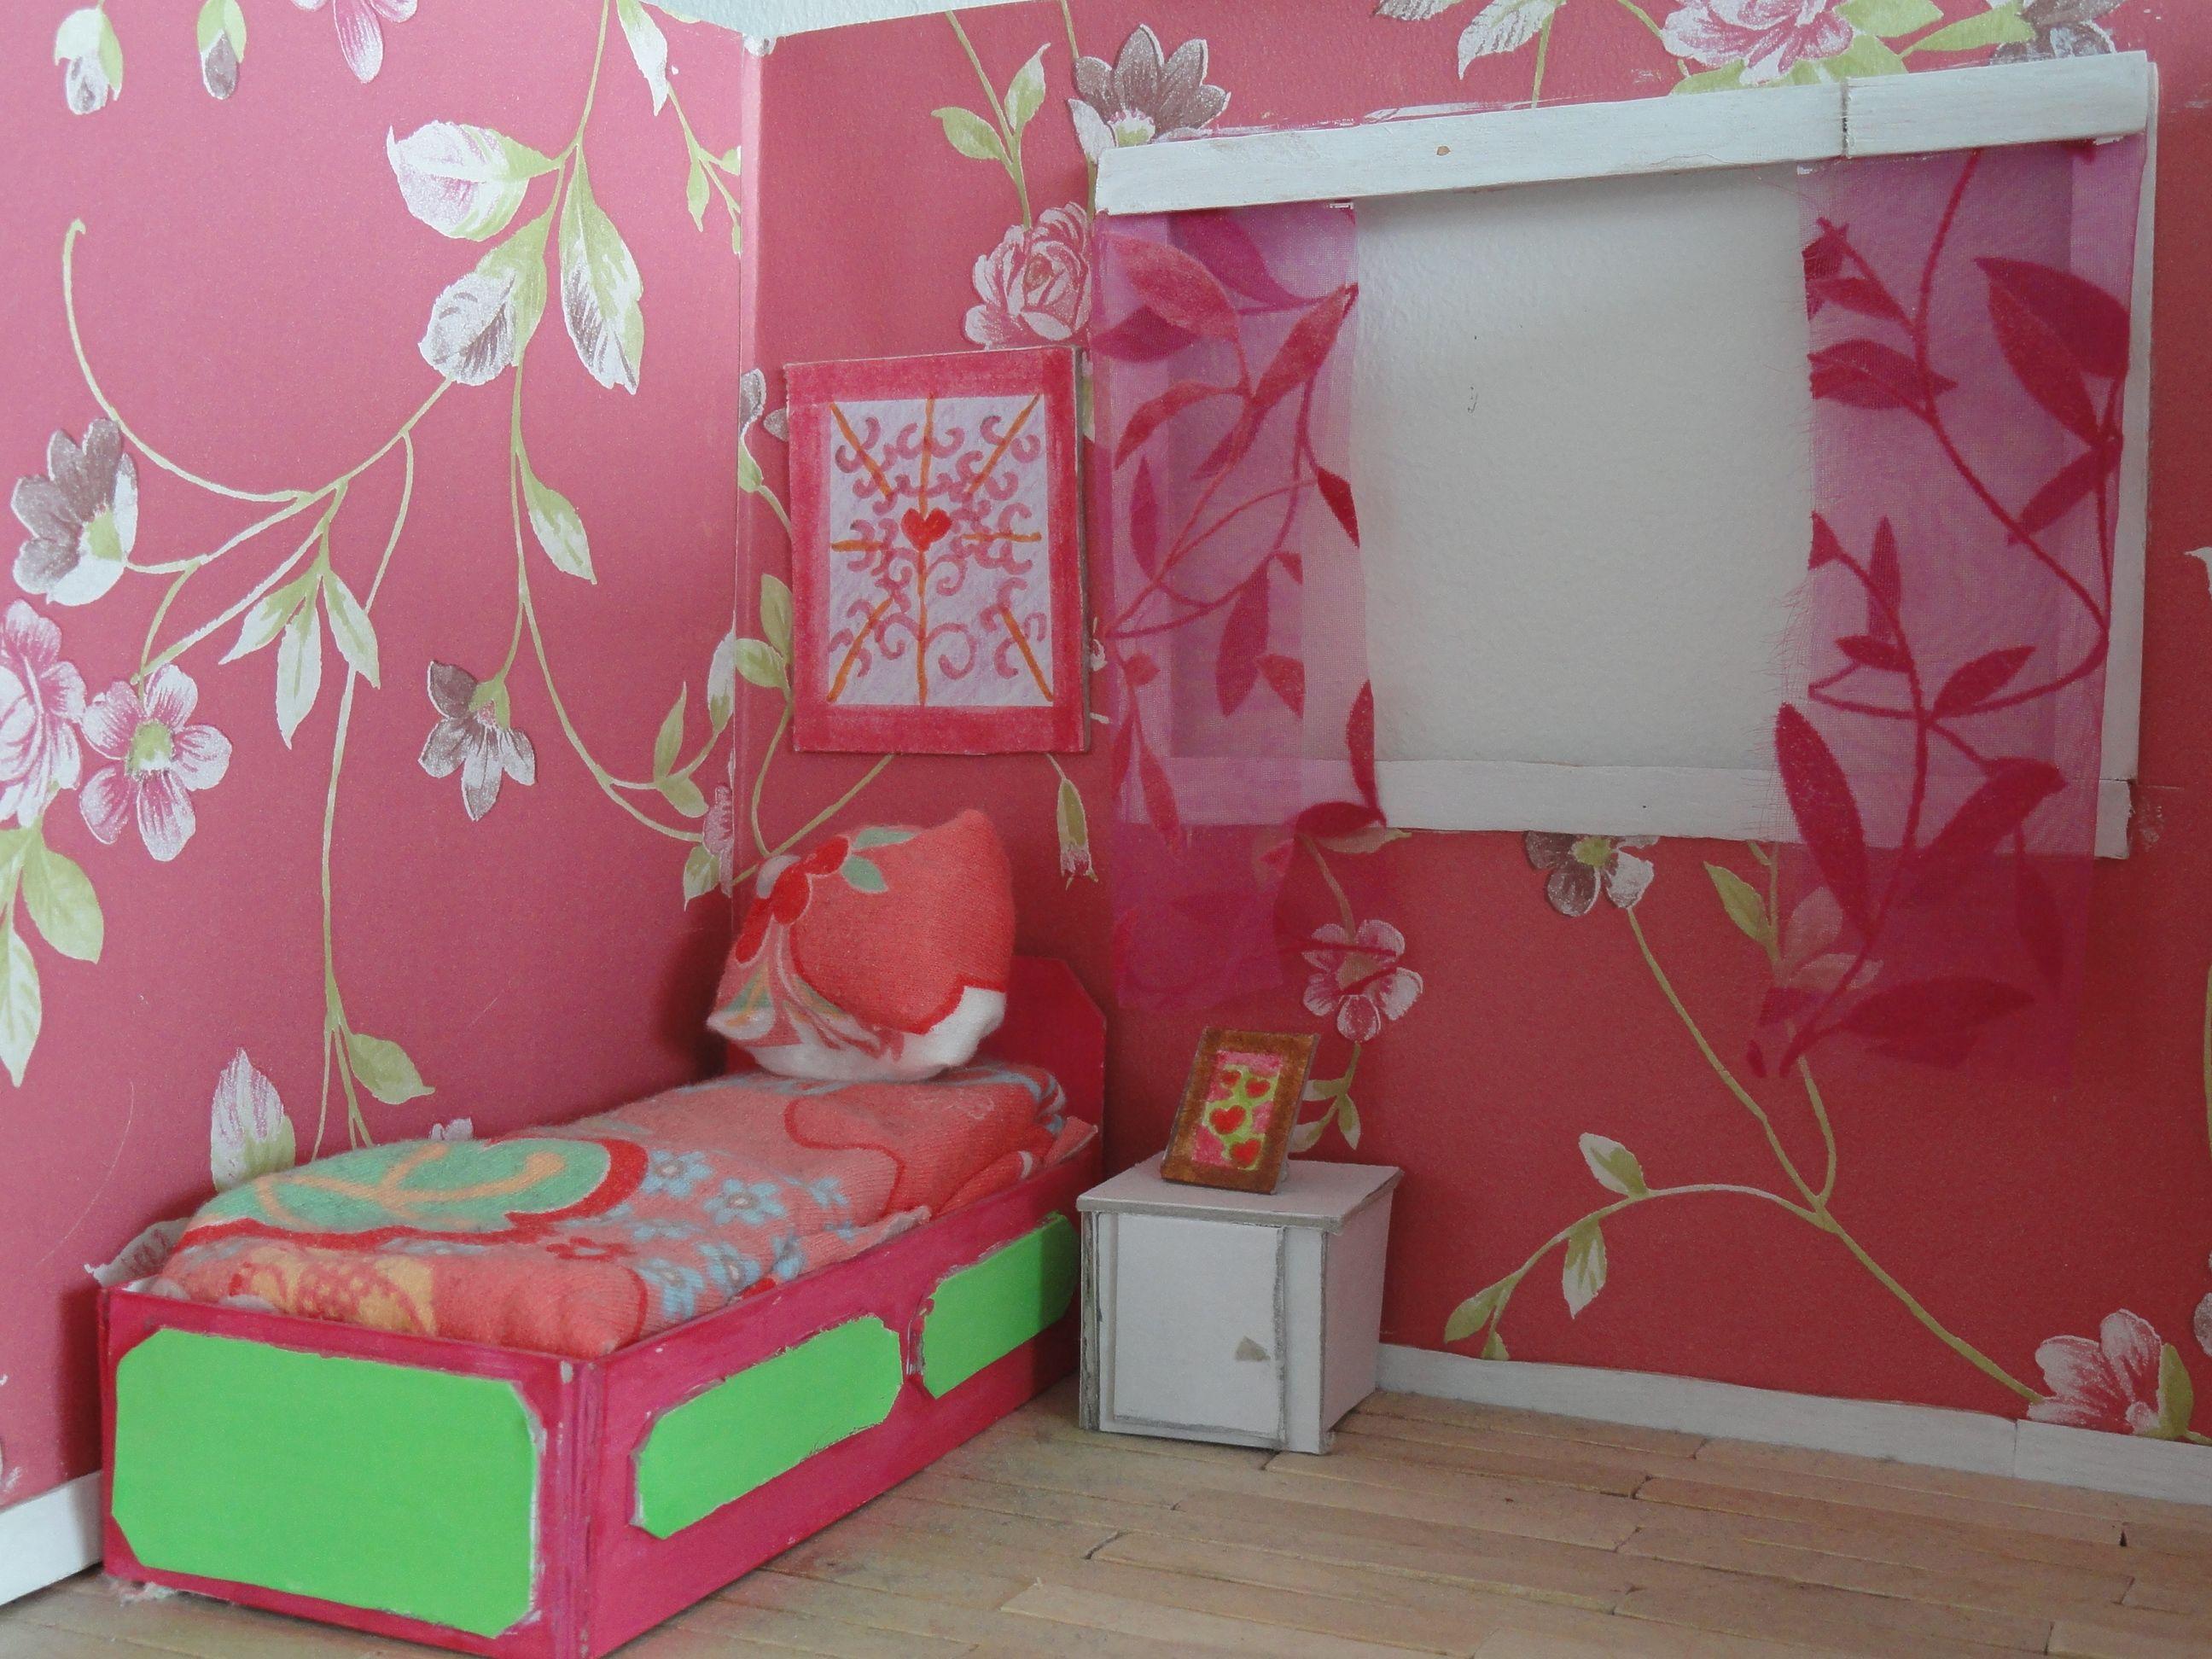 voorbeeld maquette slaapkamer | Slaapkamer maquette | Pinterest